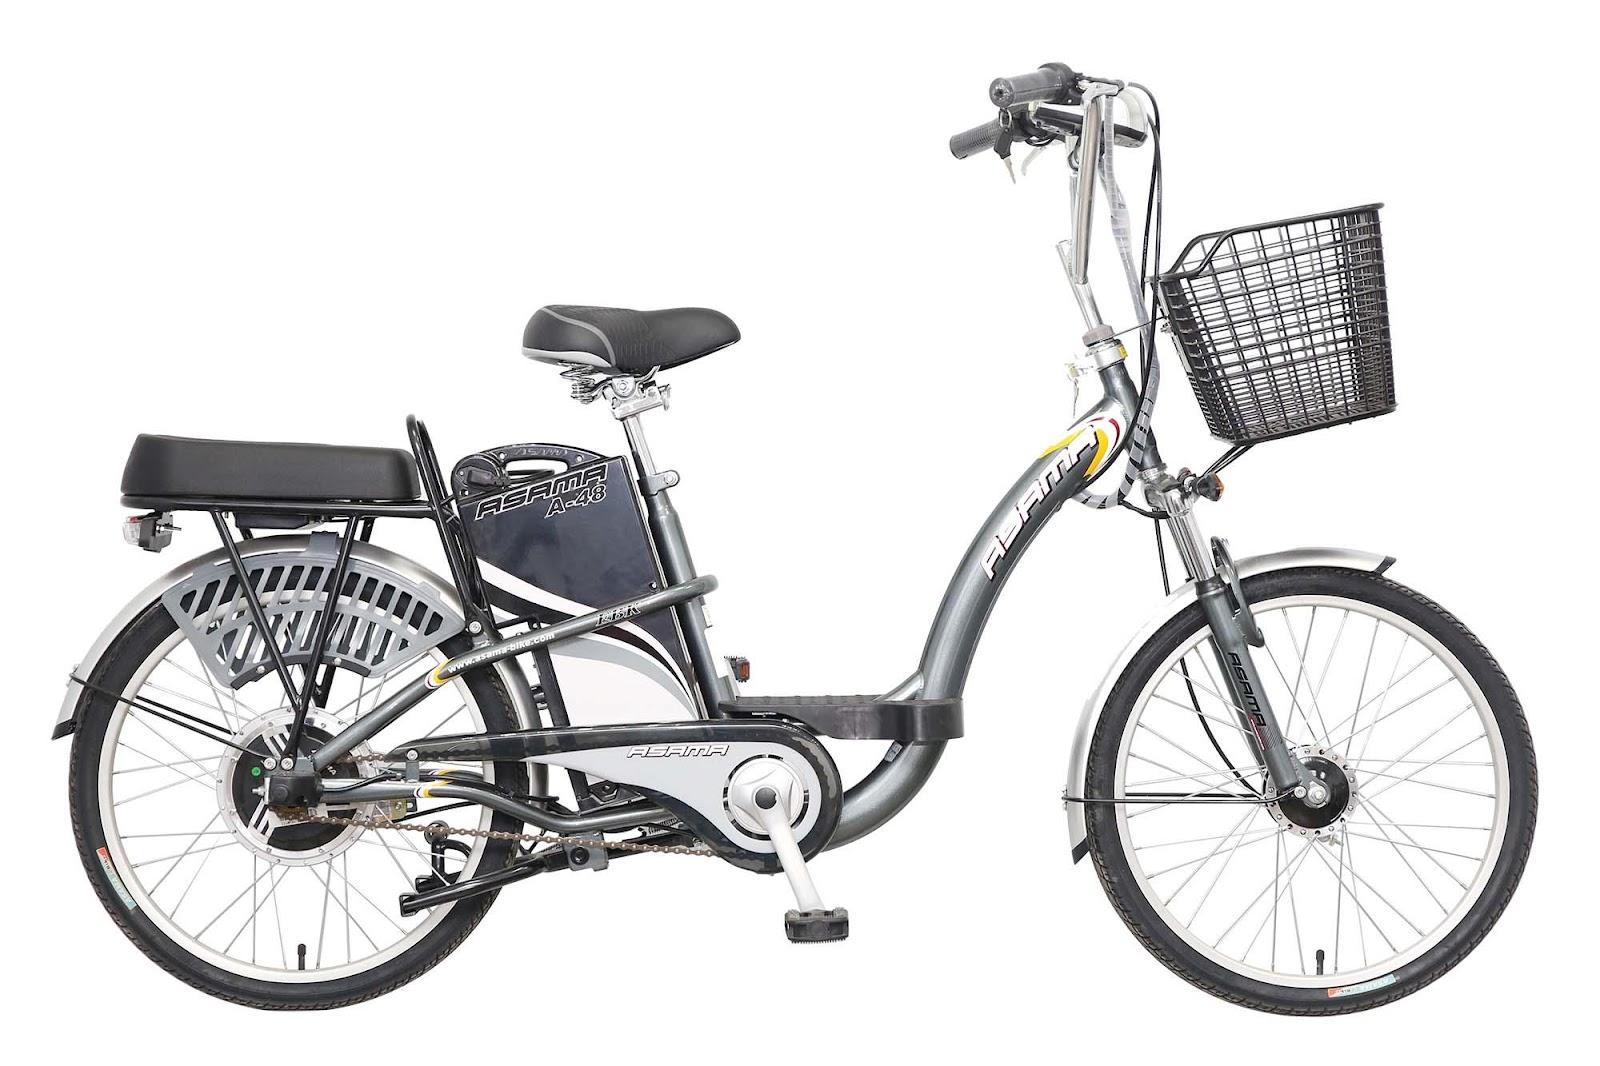 Địa chỉ phân phối xe đạp điện uy tín hàng đầu